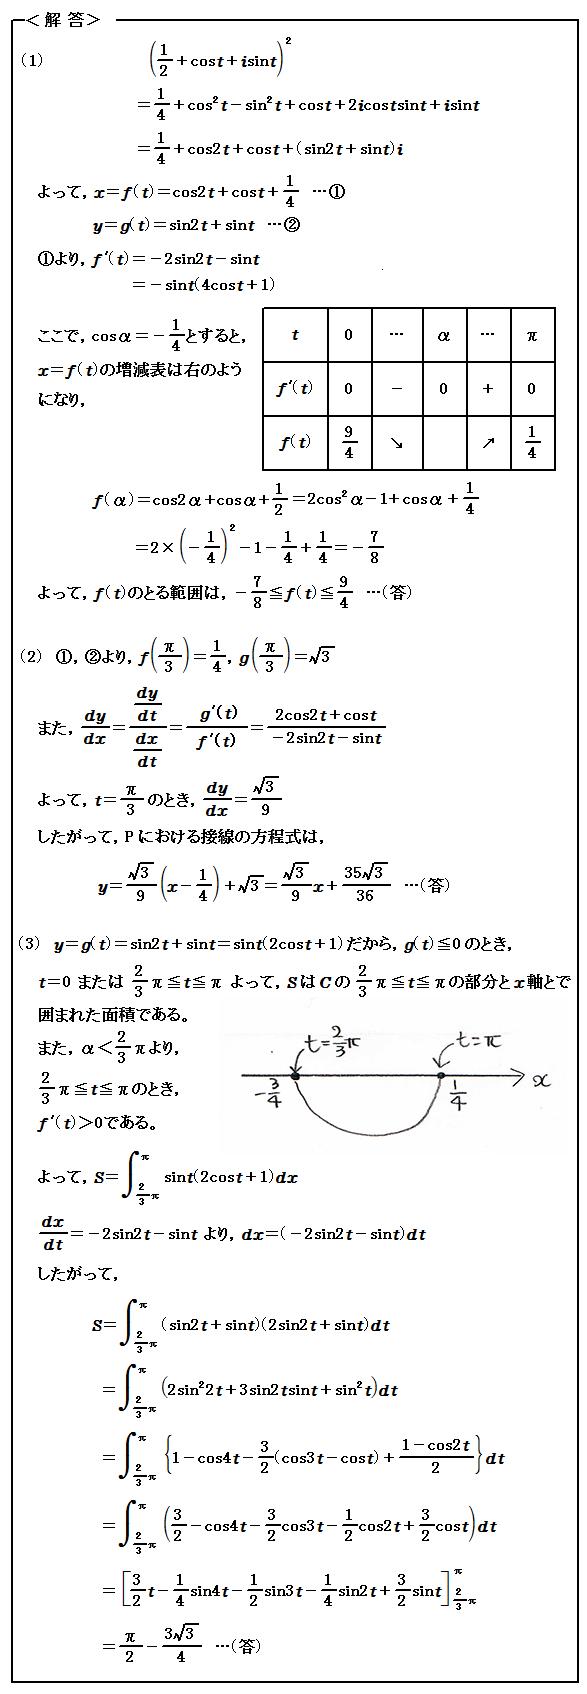 2016 名古屋工業大学 第4問 微分・積分 解答